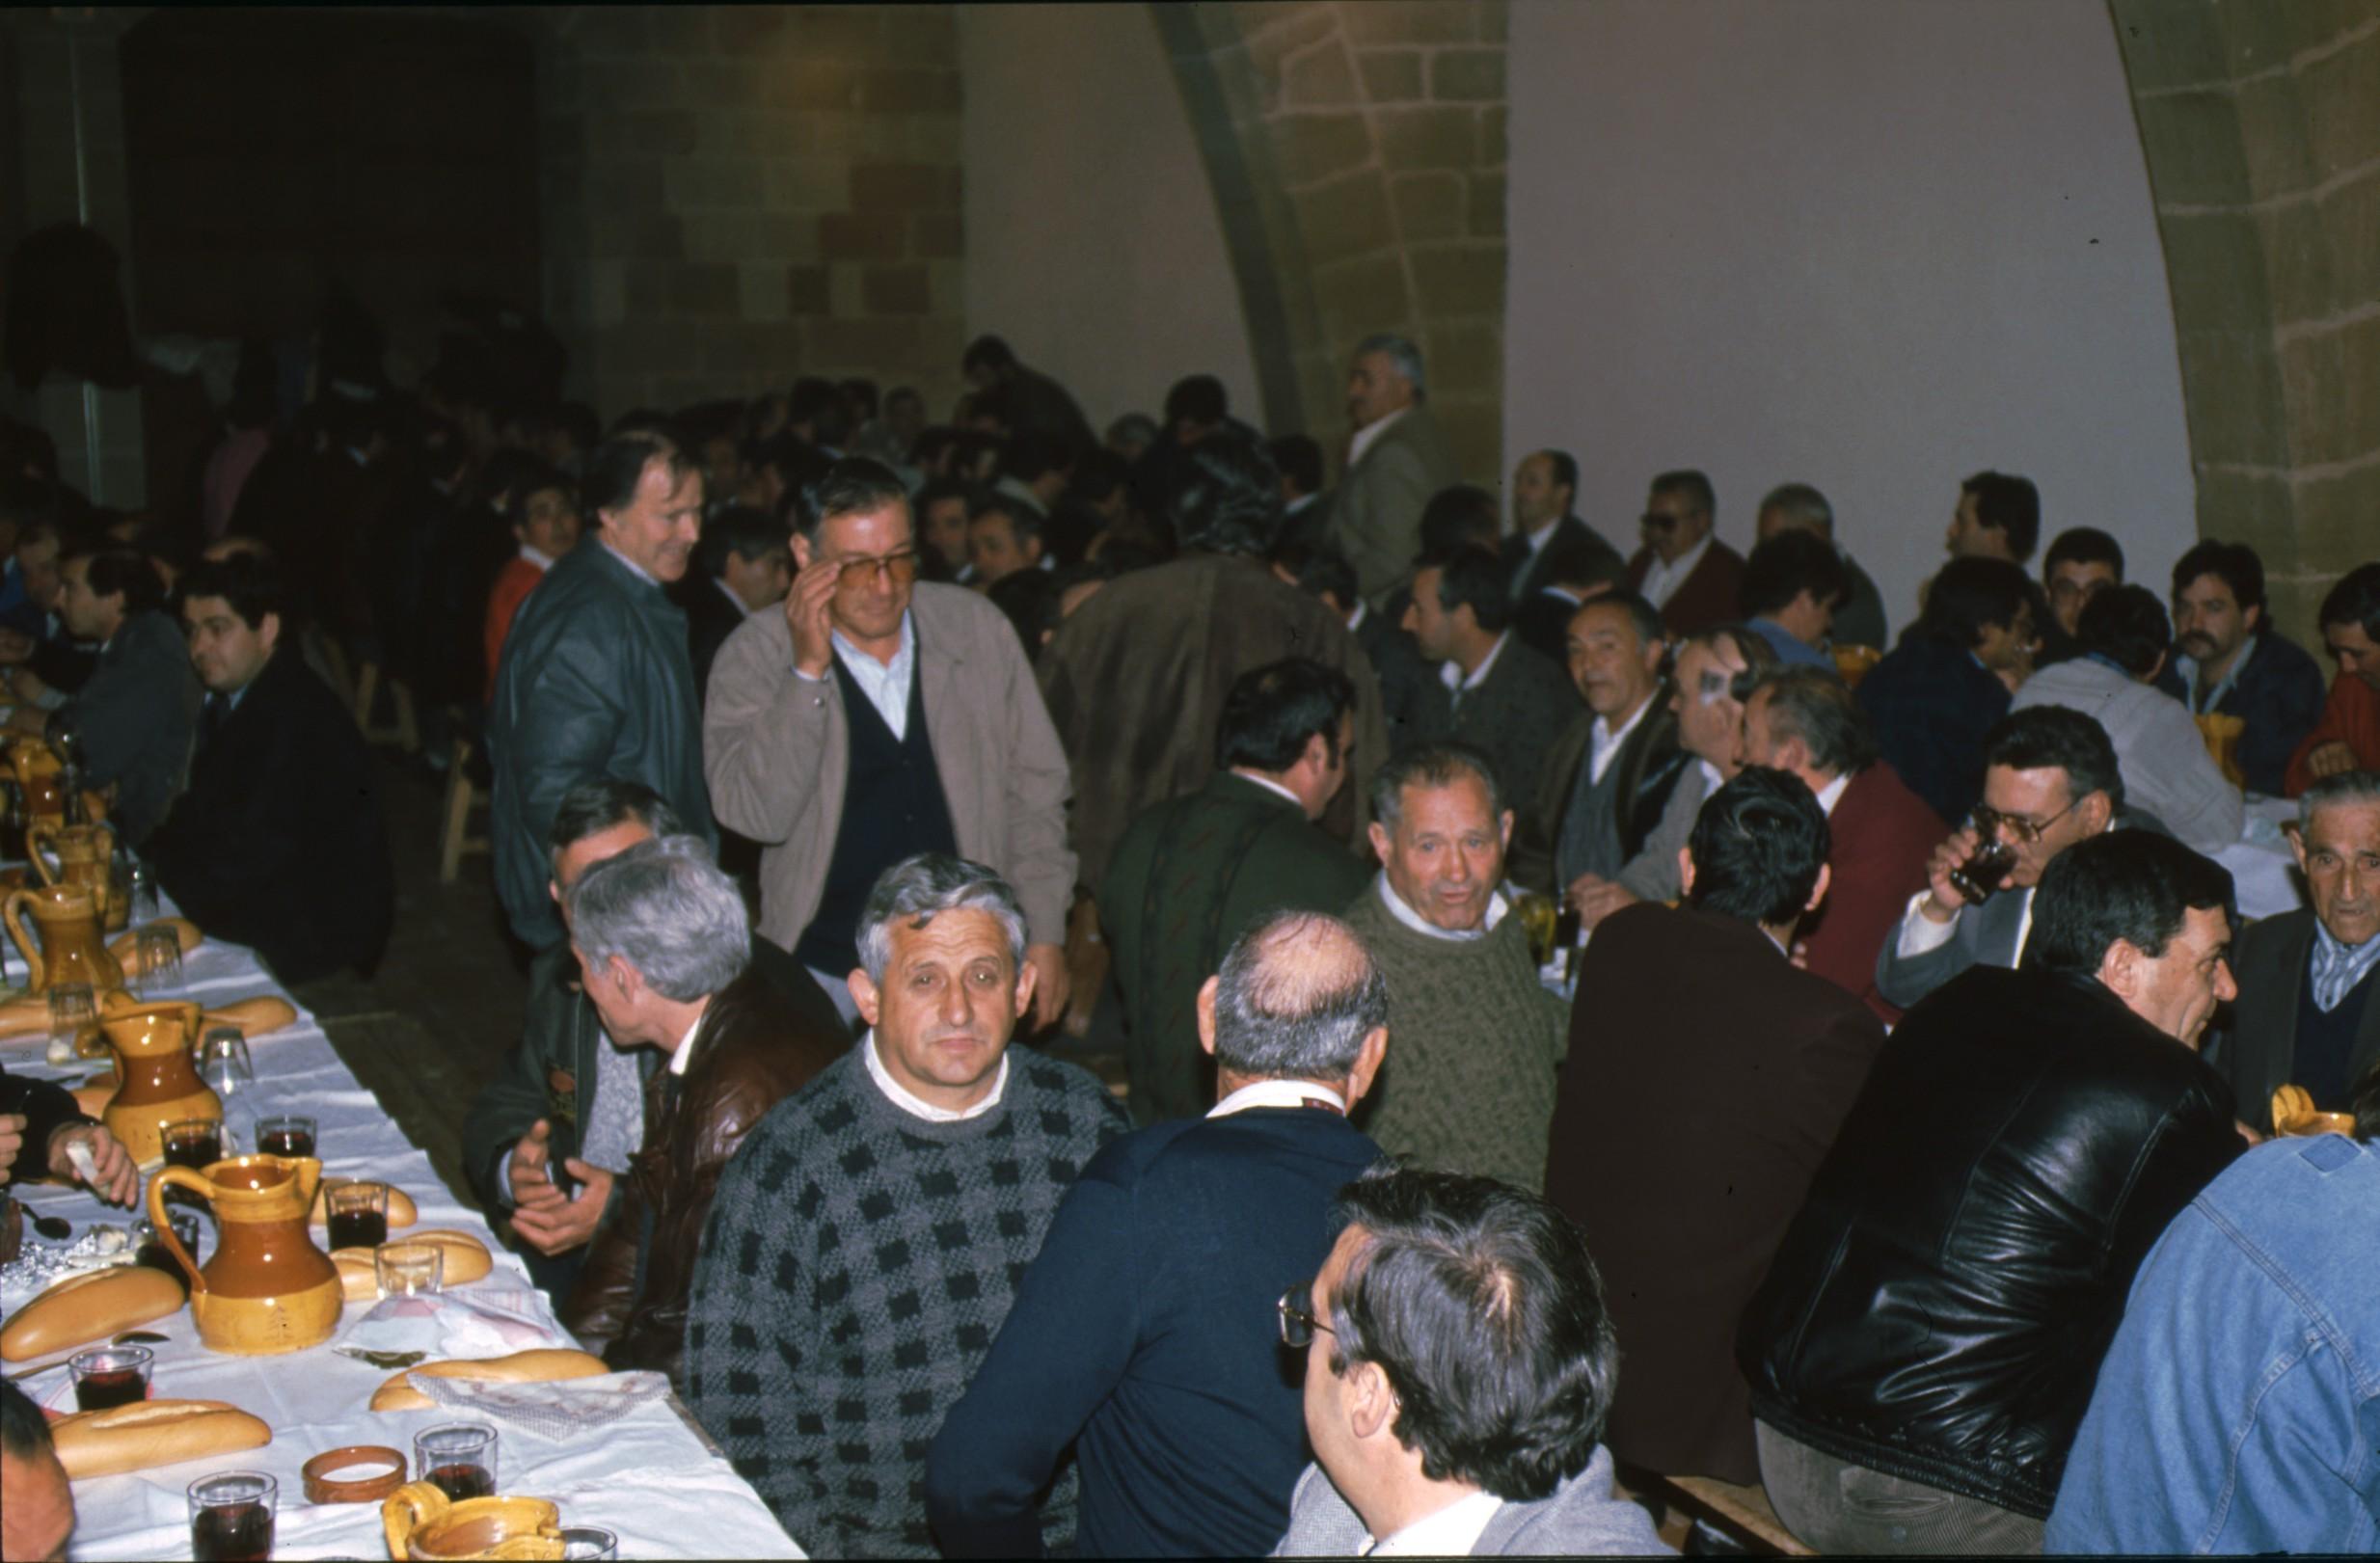 cena_jueves_santo_cofradia_soledad_viana_13.jpg